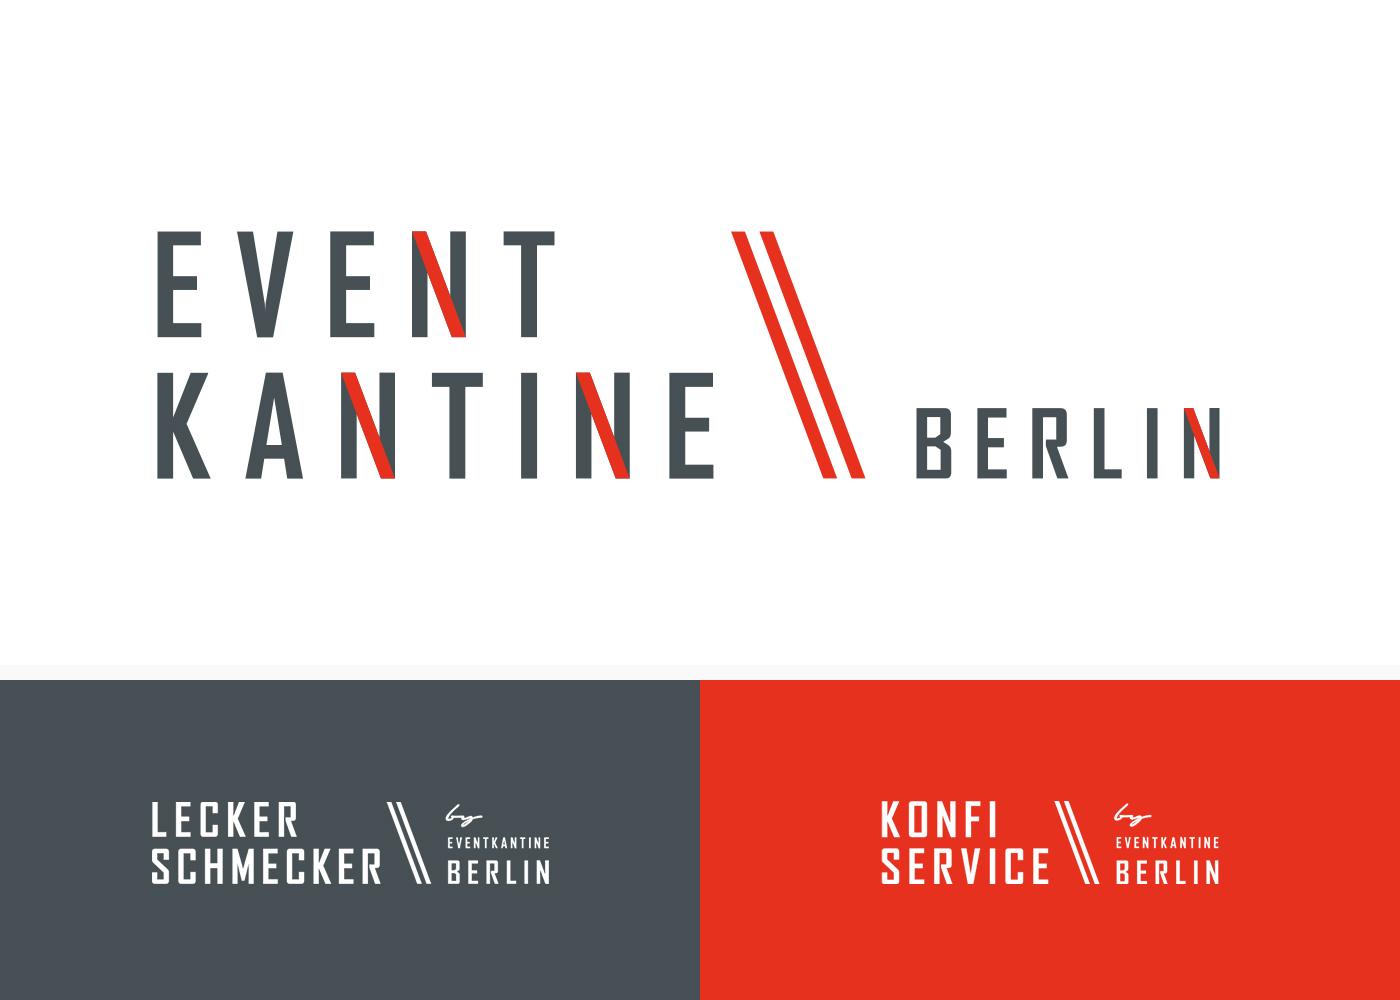 EventKantine Berlin - Logofamilie